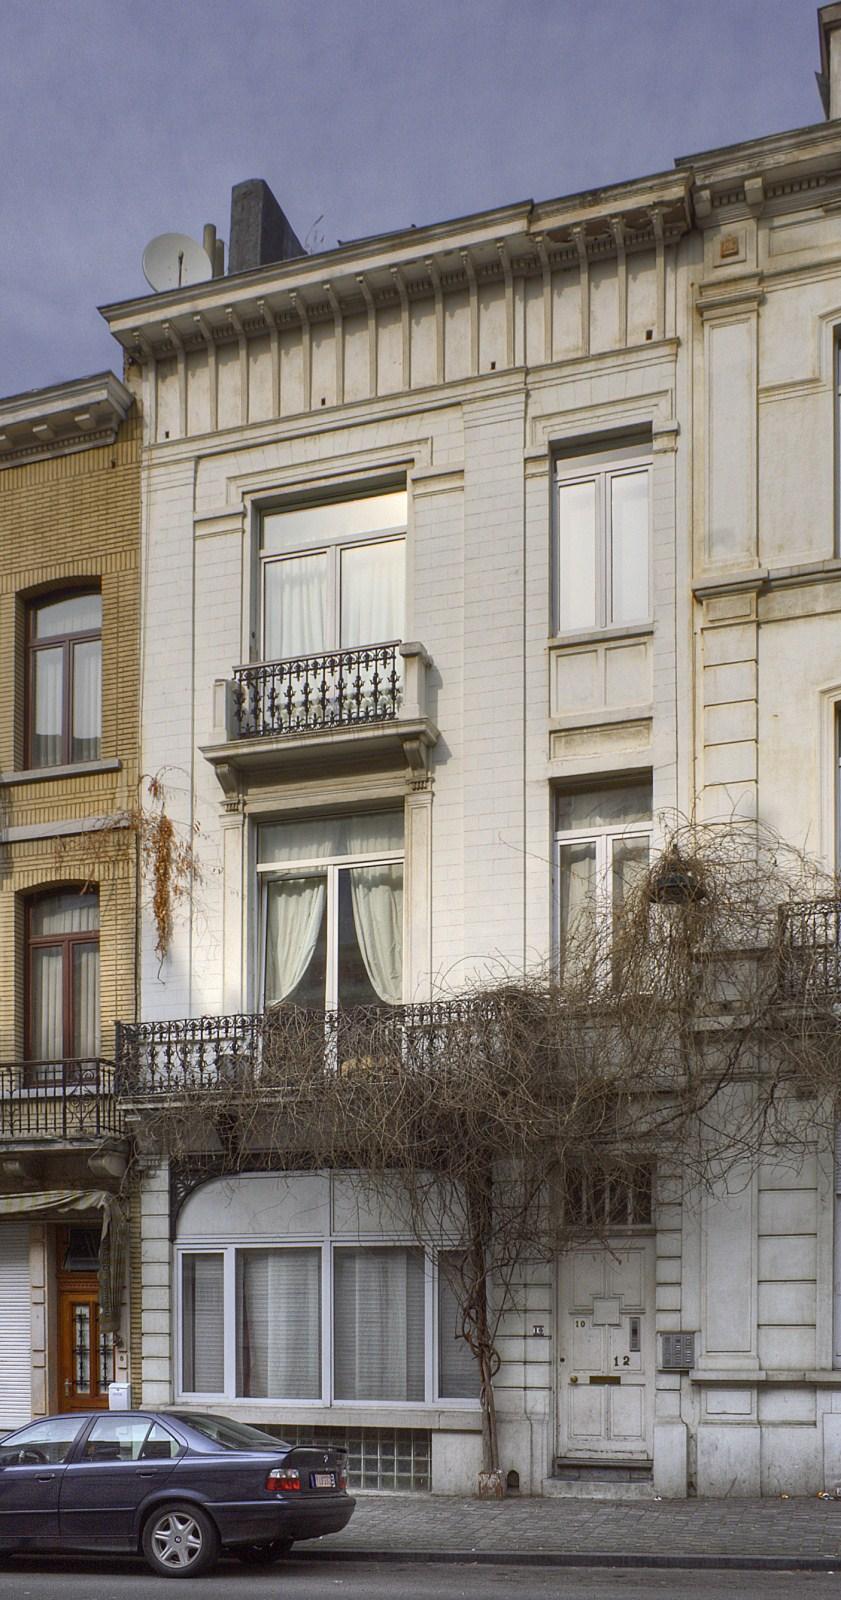 Rue de Gravelines 10.© © V. Brunetta & M. Eberlin, 2009